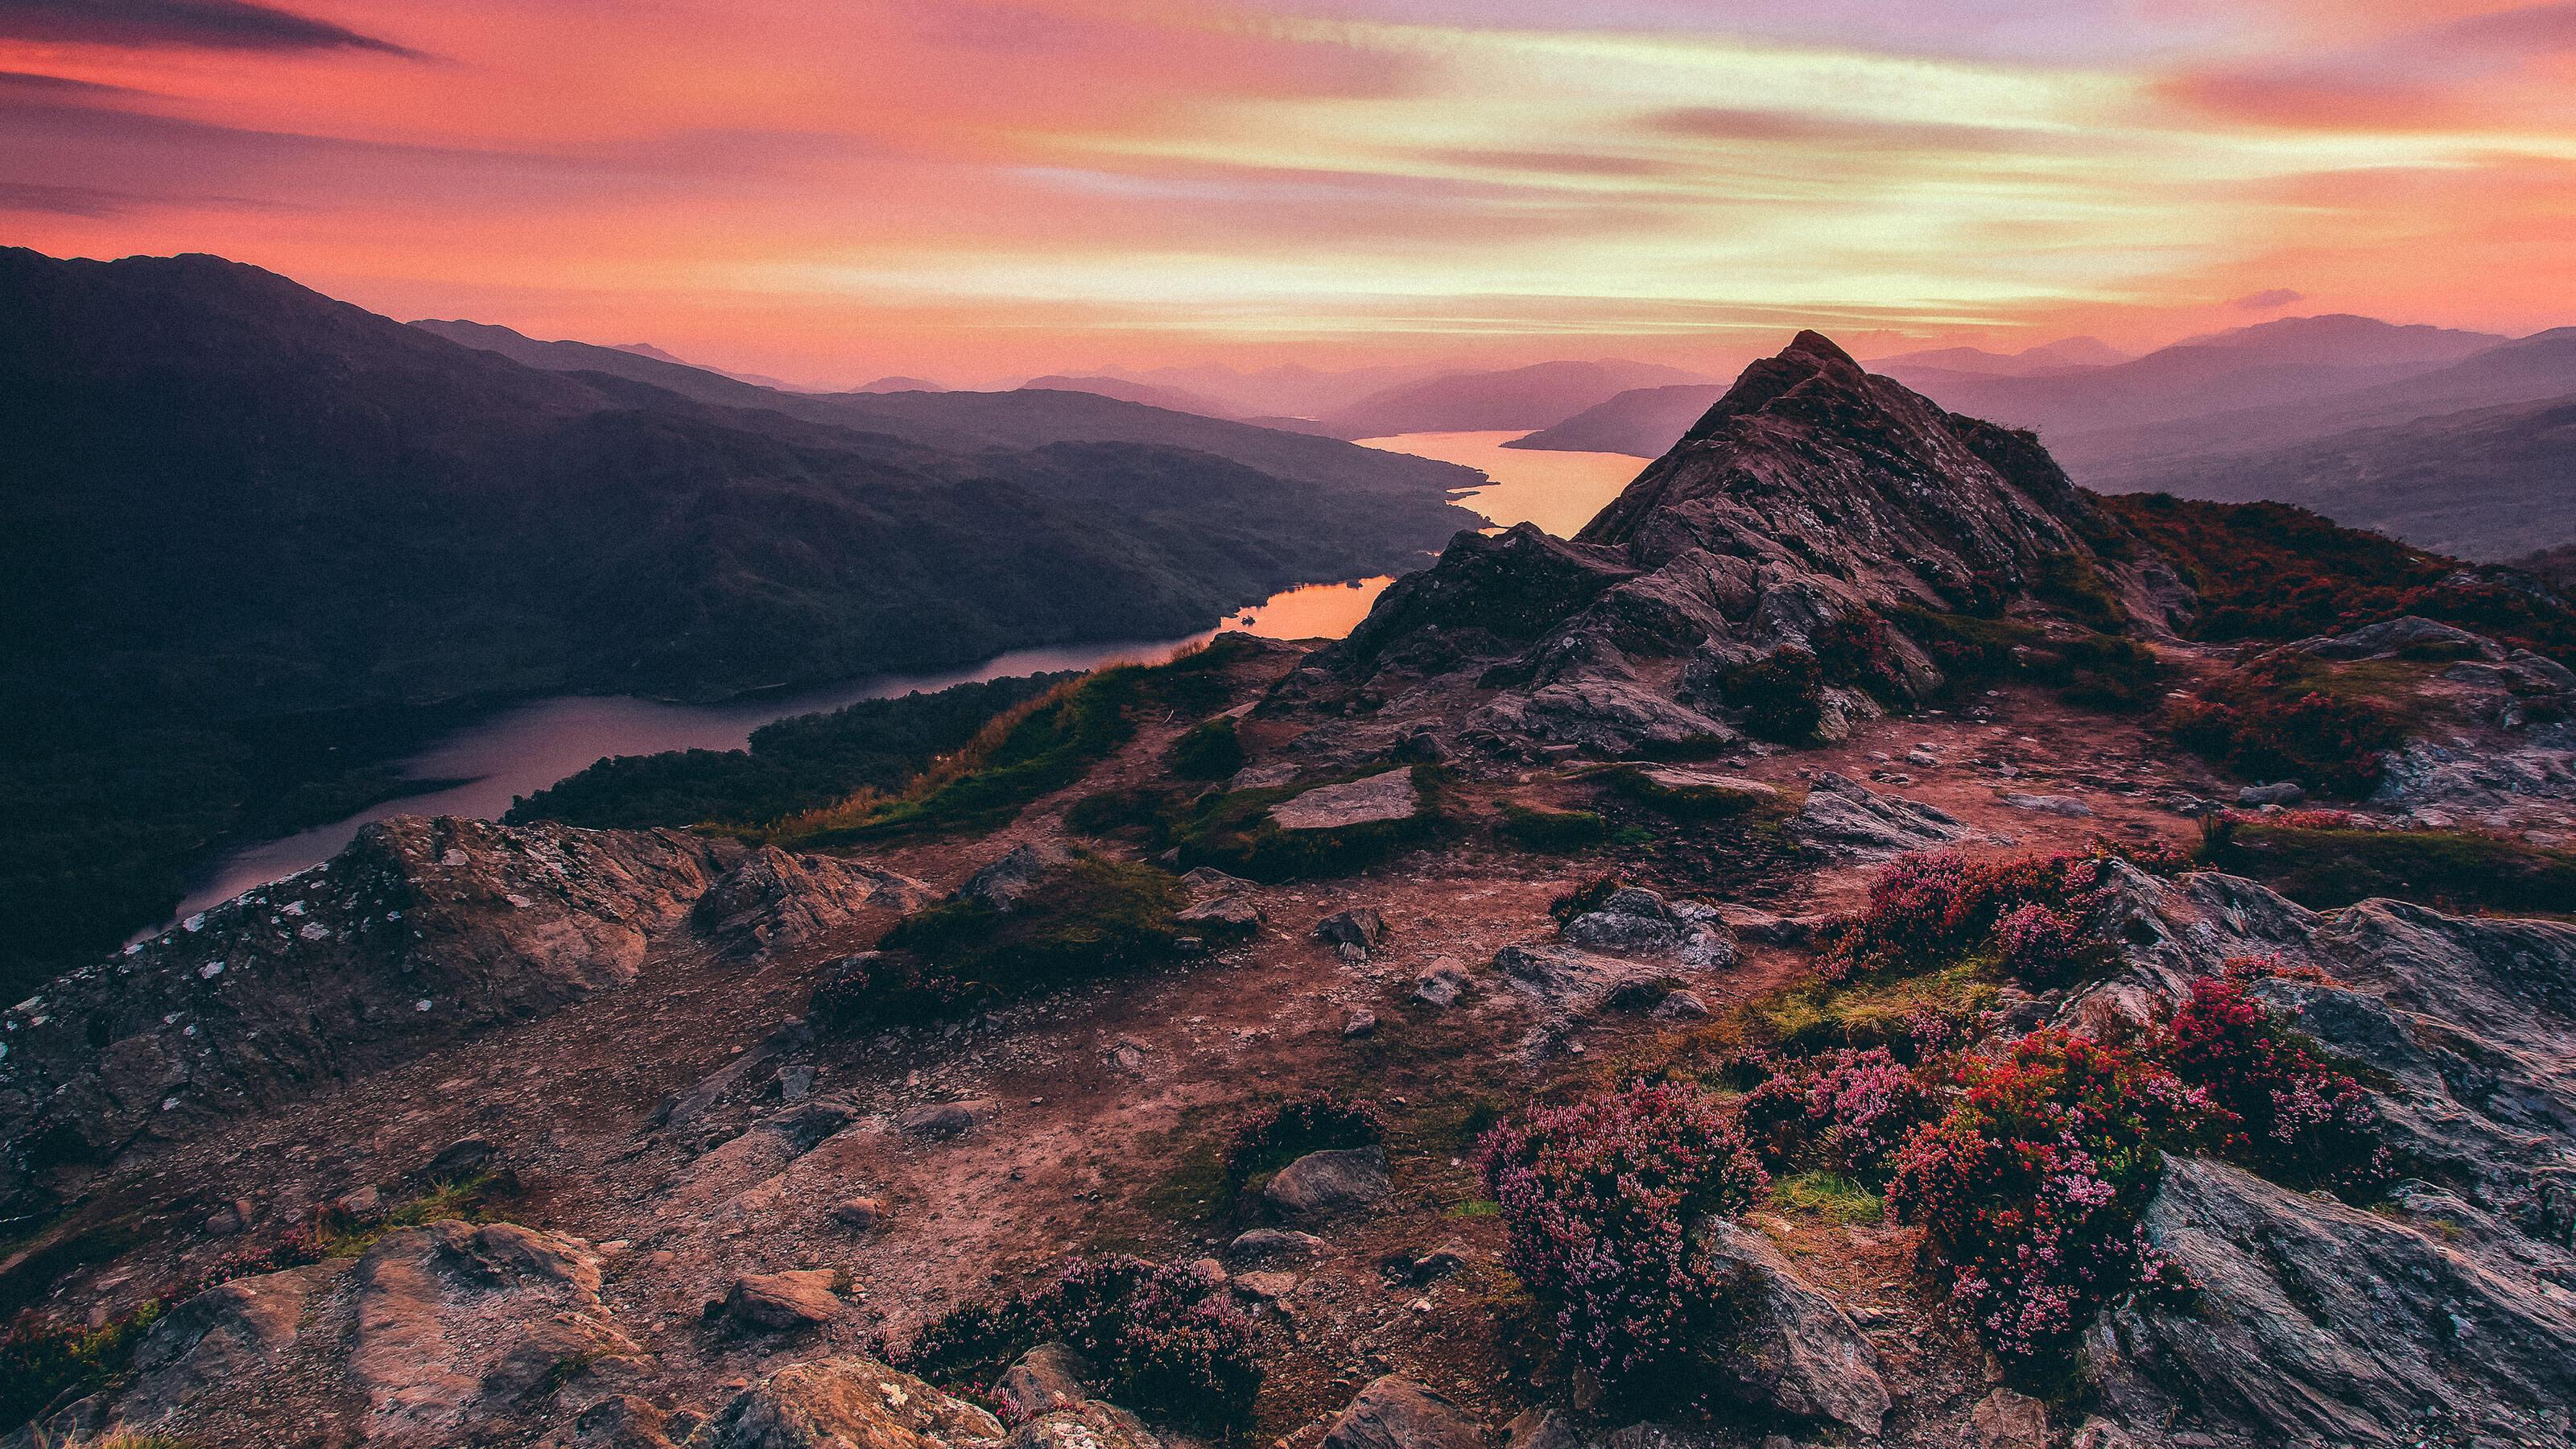 Views over Loch Katrine